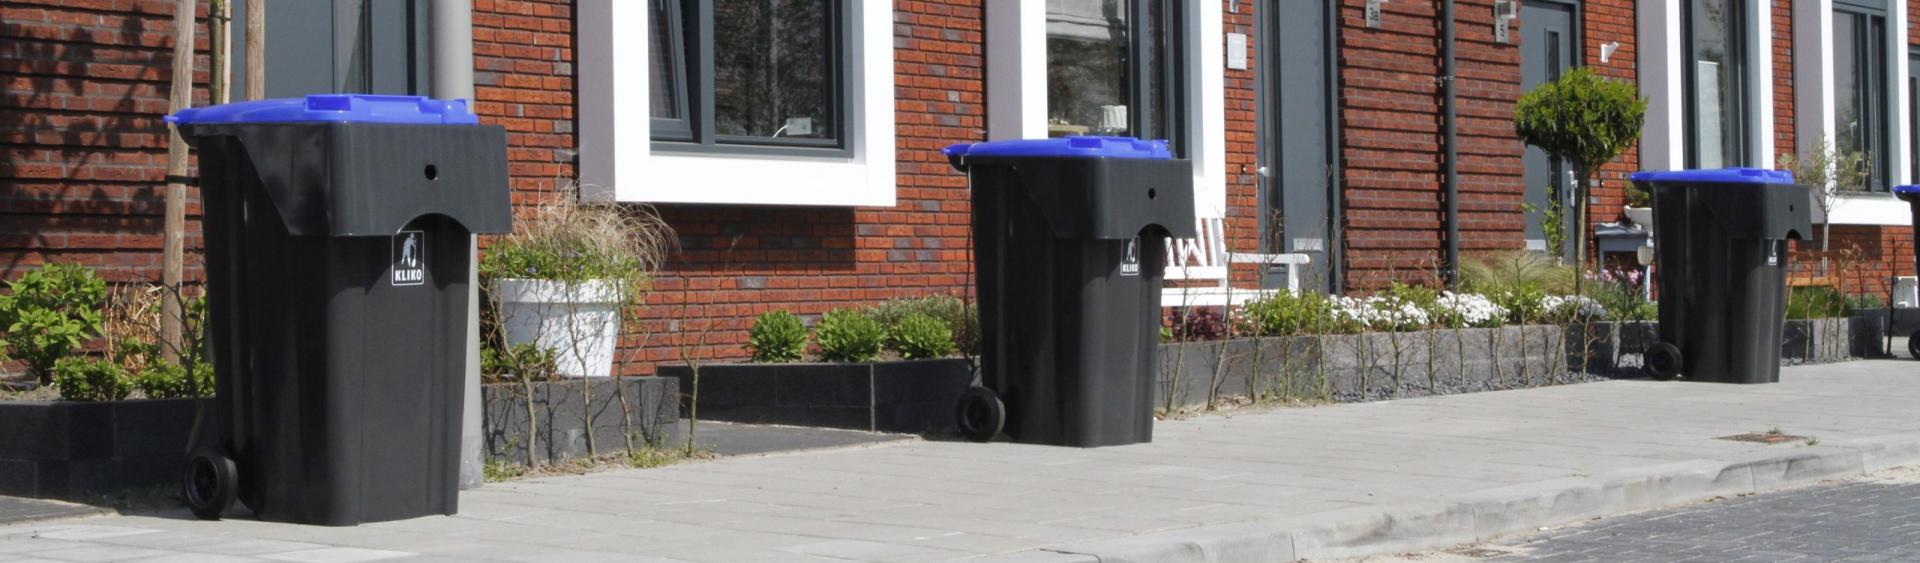 DU minicontainer